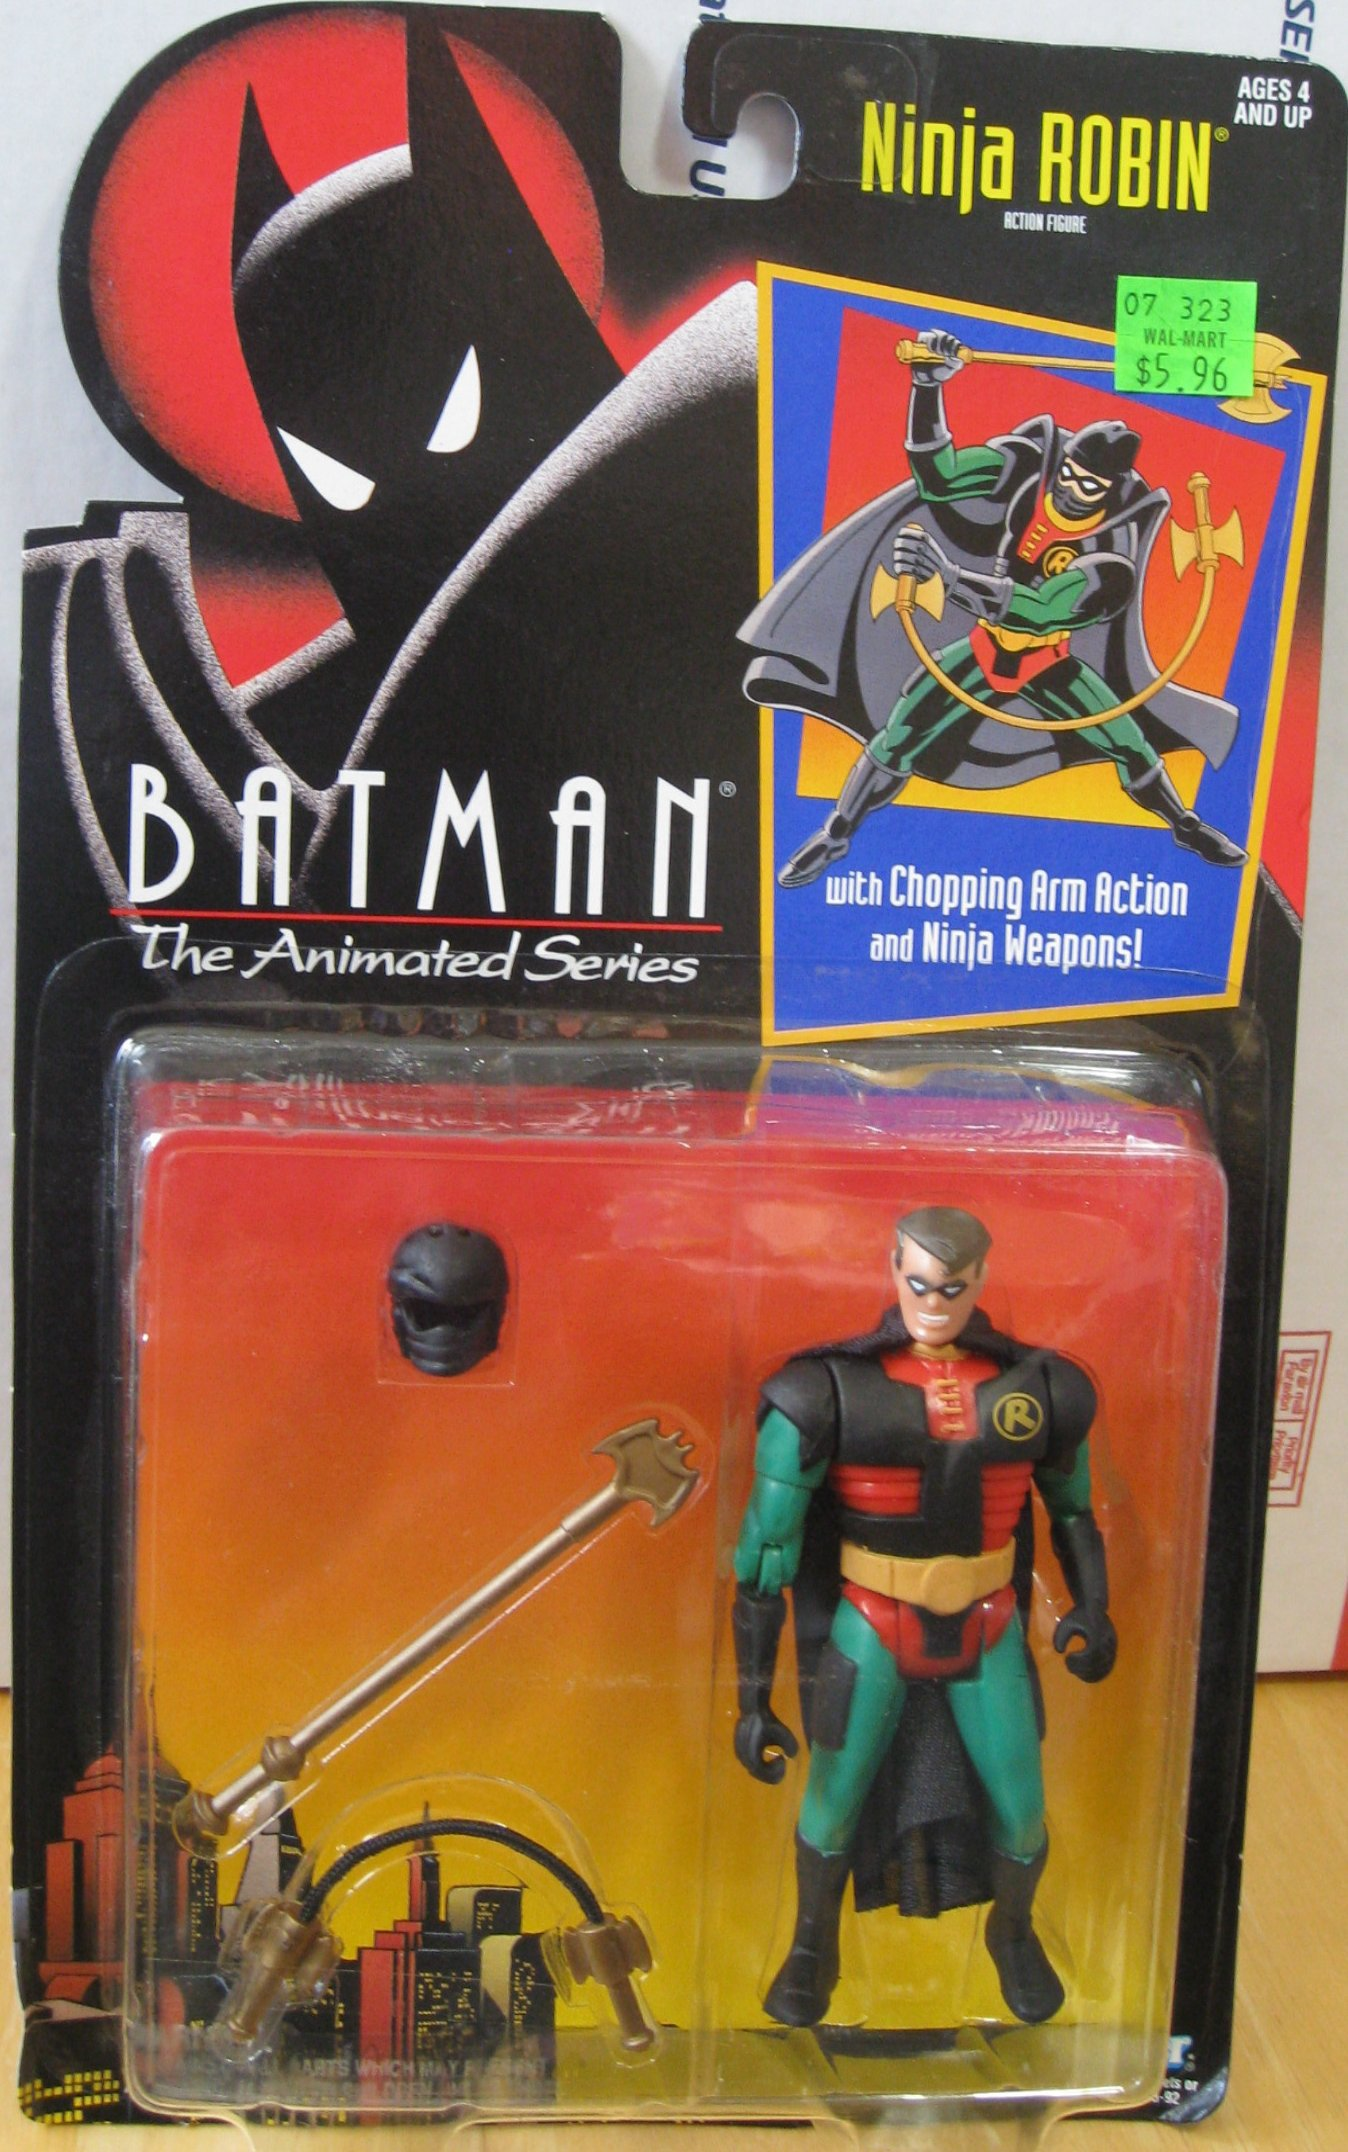 ninjarobin1.jpg